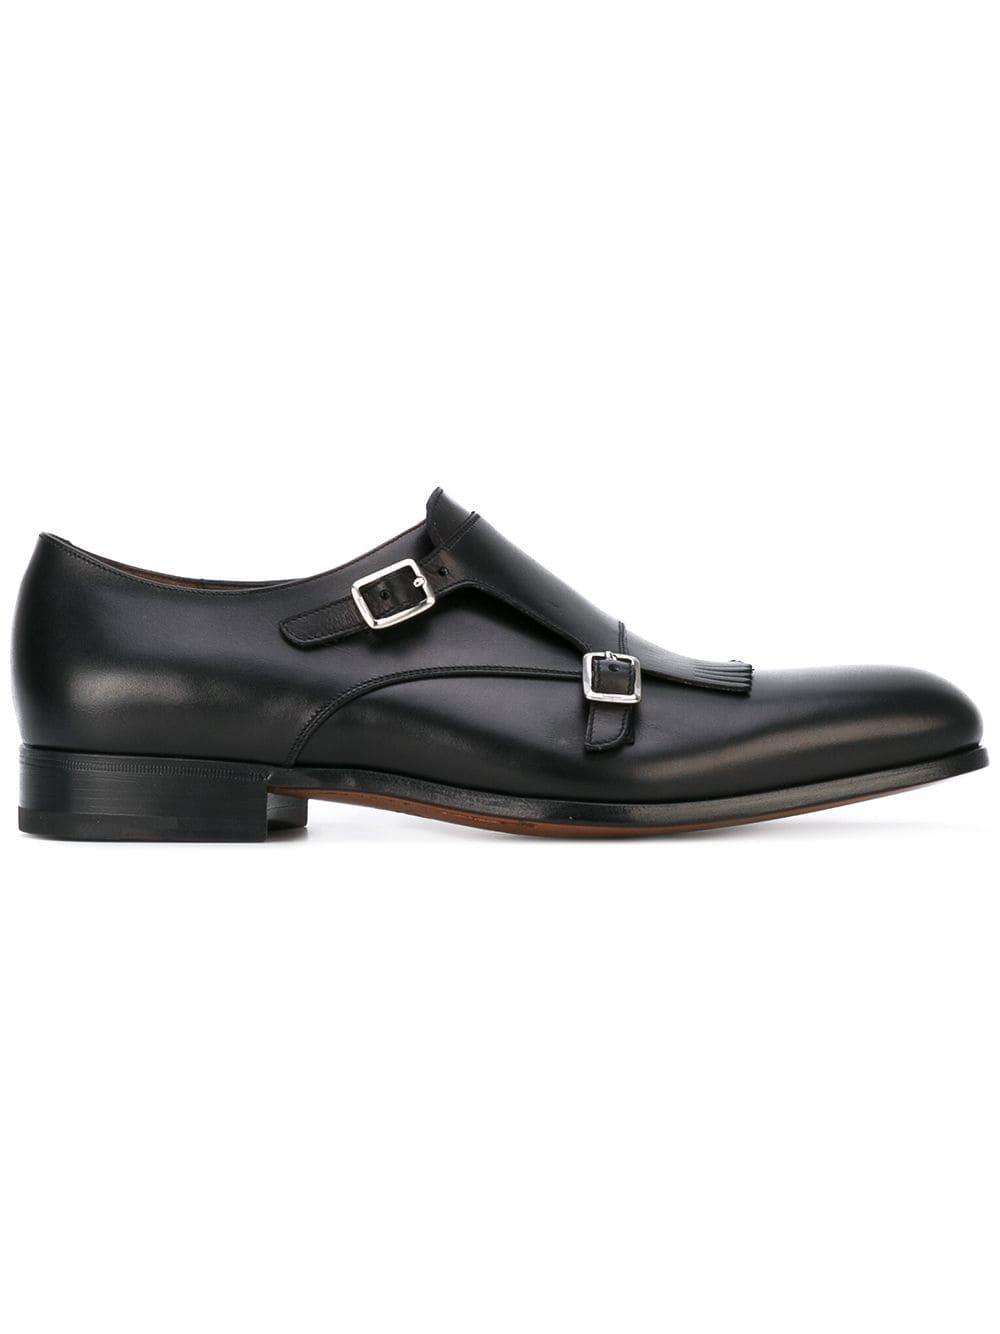 Ferragamo Leather Double Monkstrap in Black for Men